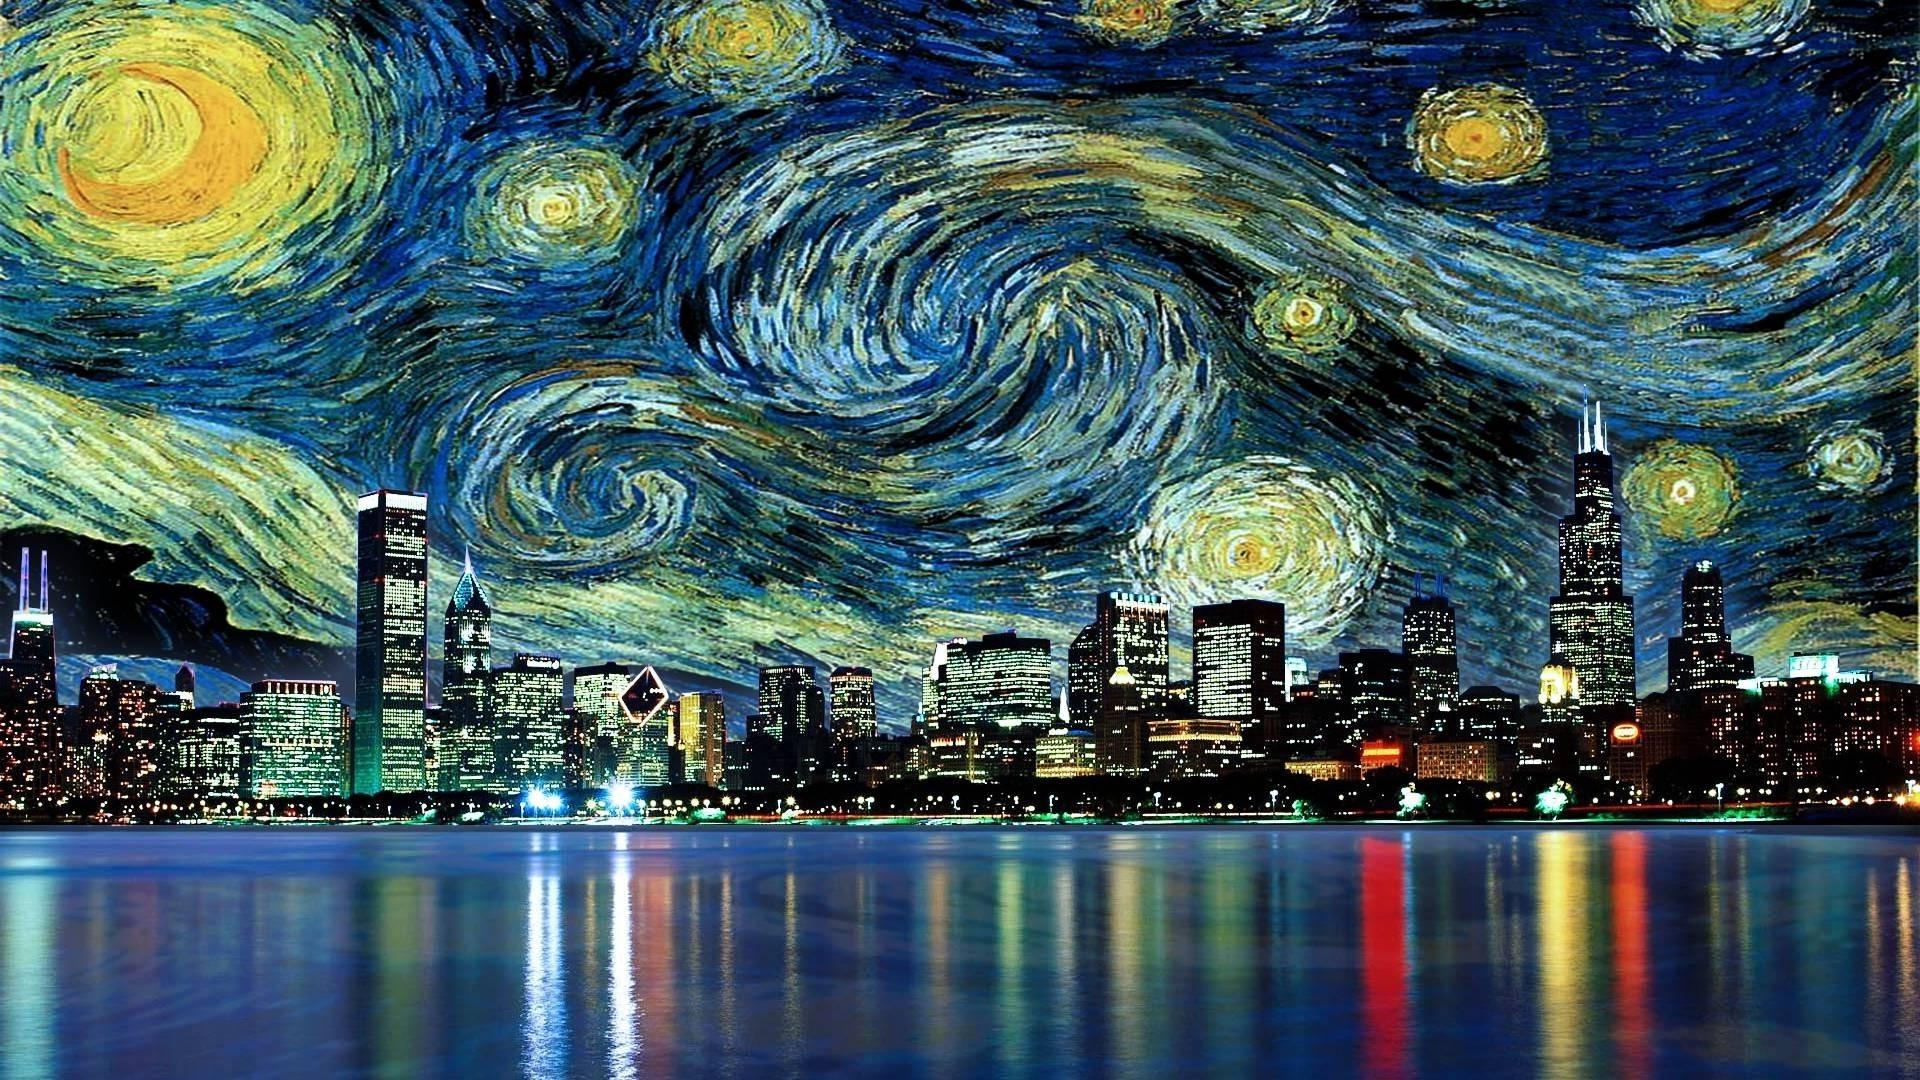 Starry night | Etsy